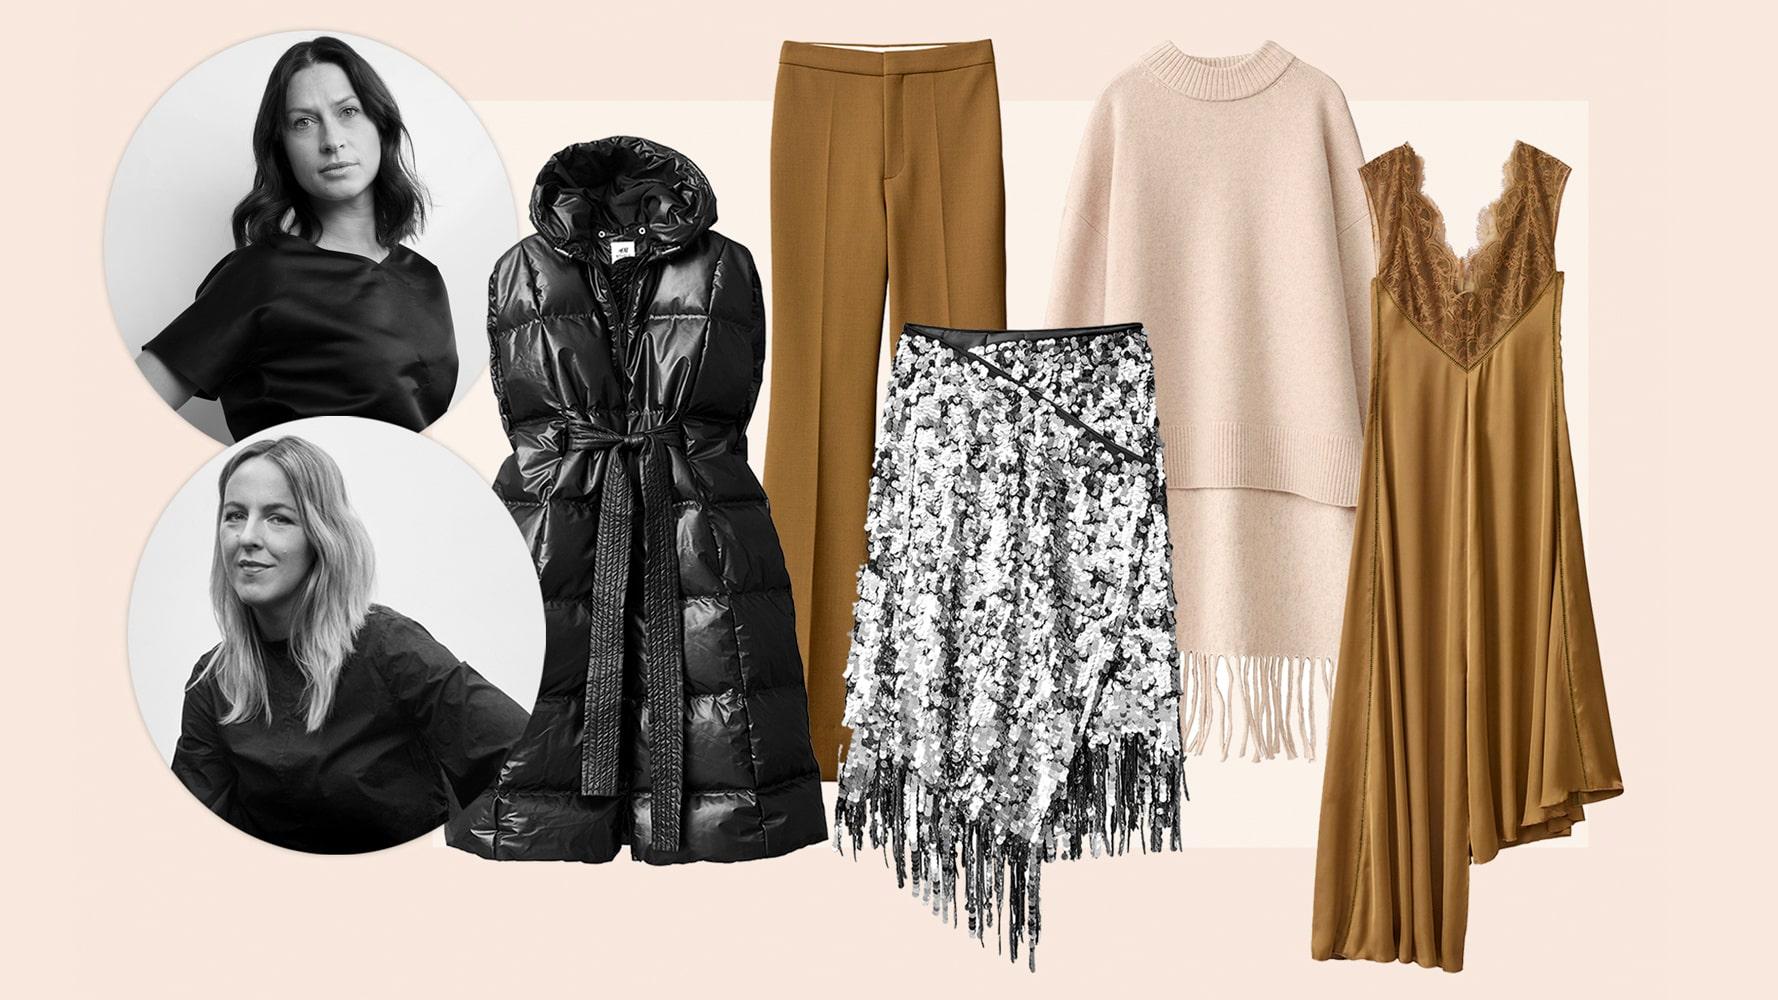 Bästa köpen från H&M Studio 2019 – enligt modeexperterna